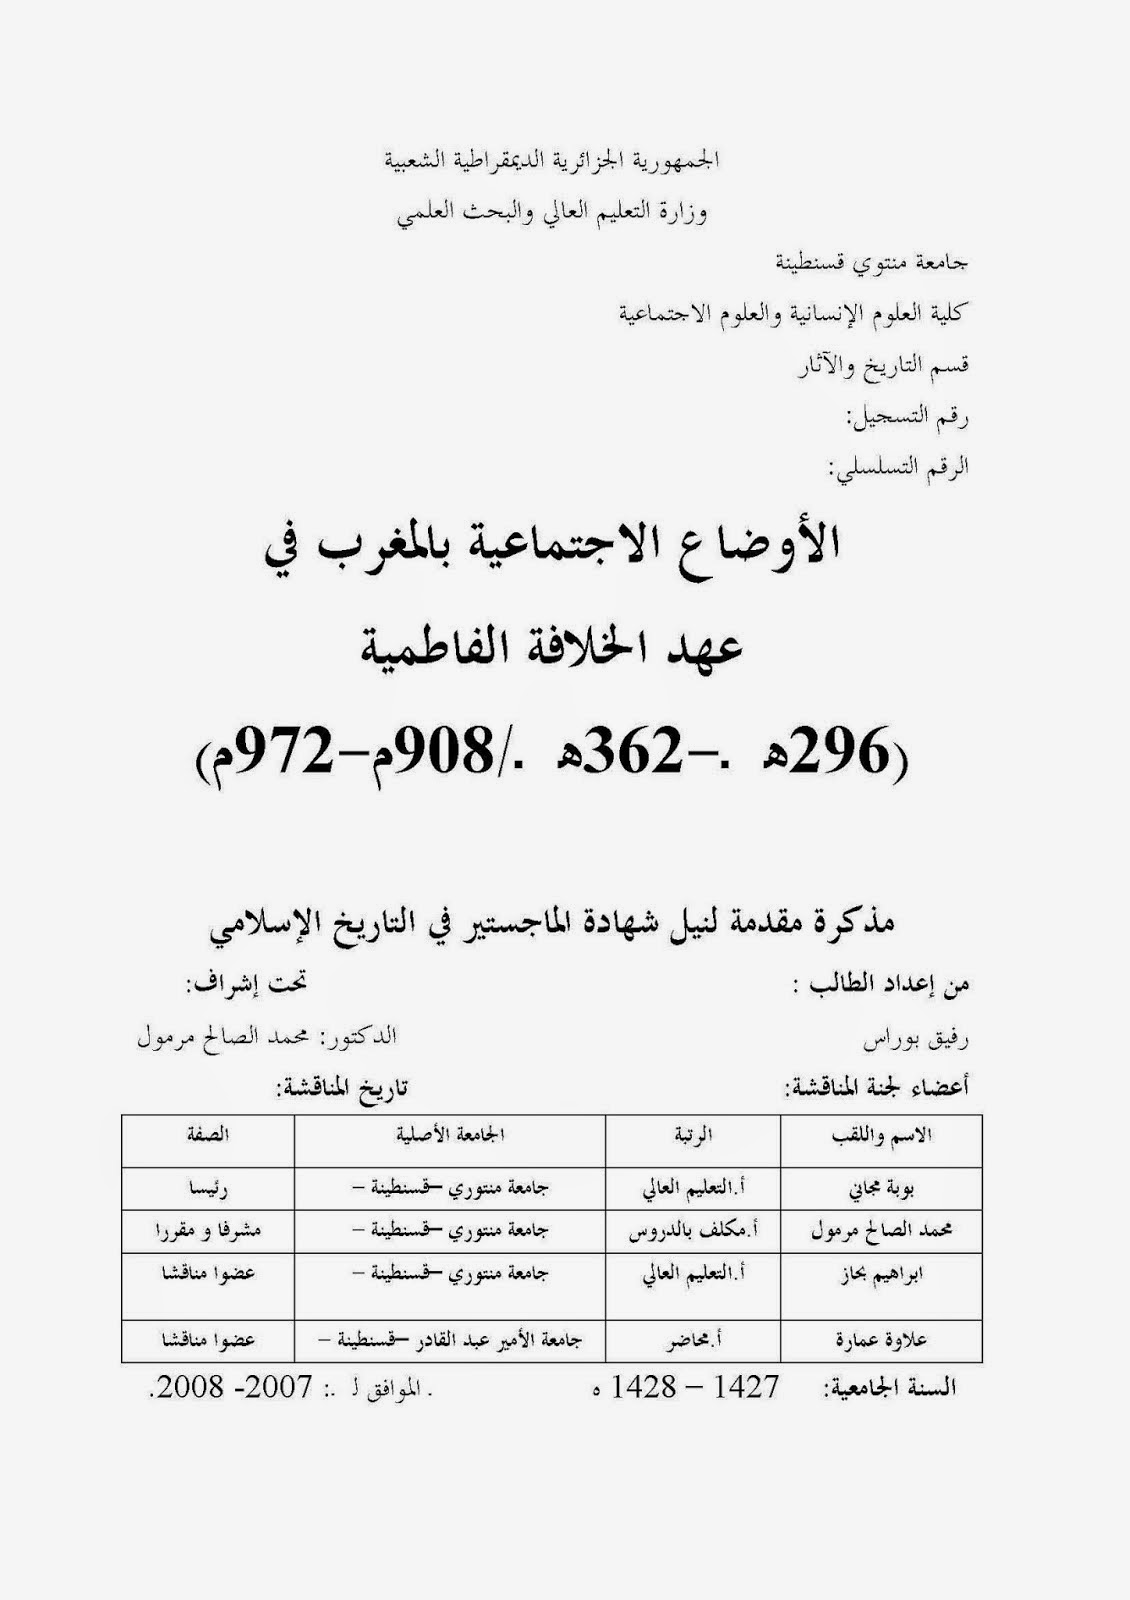 الأوضاع الإجتماعية بالمغرب في عهد الخلافة الفاطمية - رسالة ماجيستر